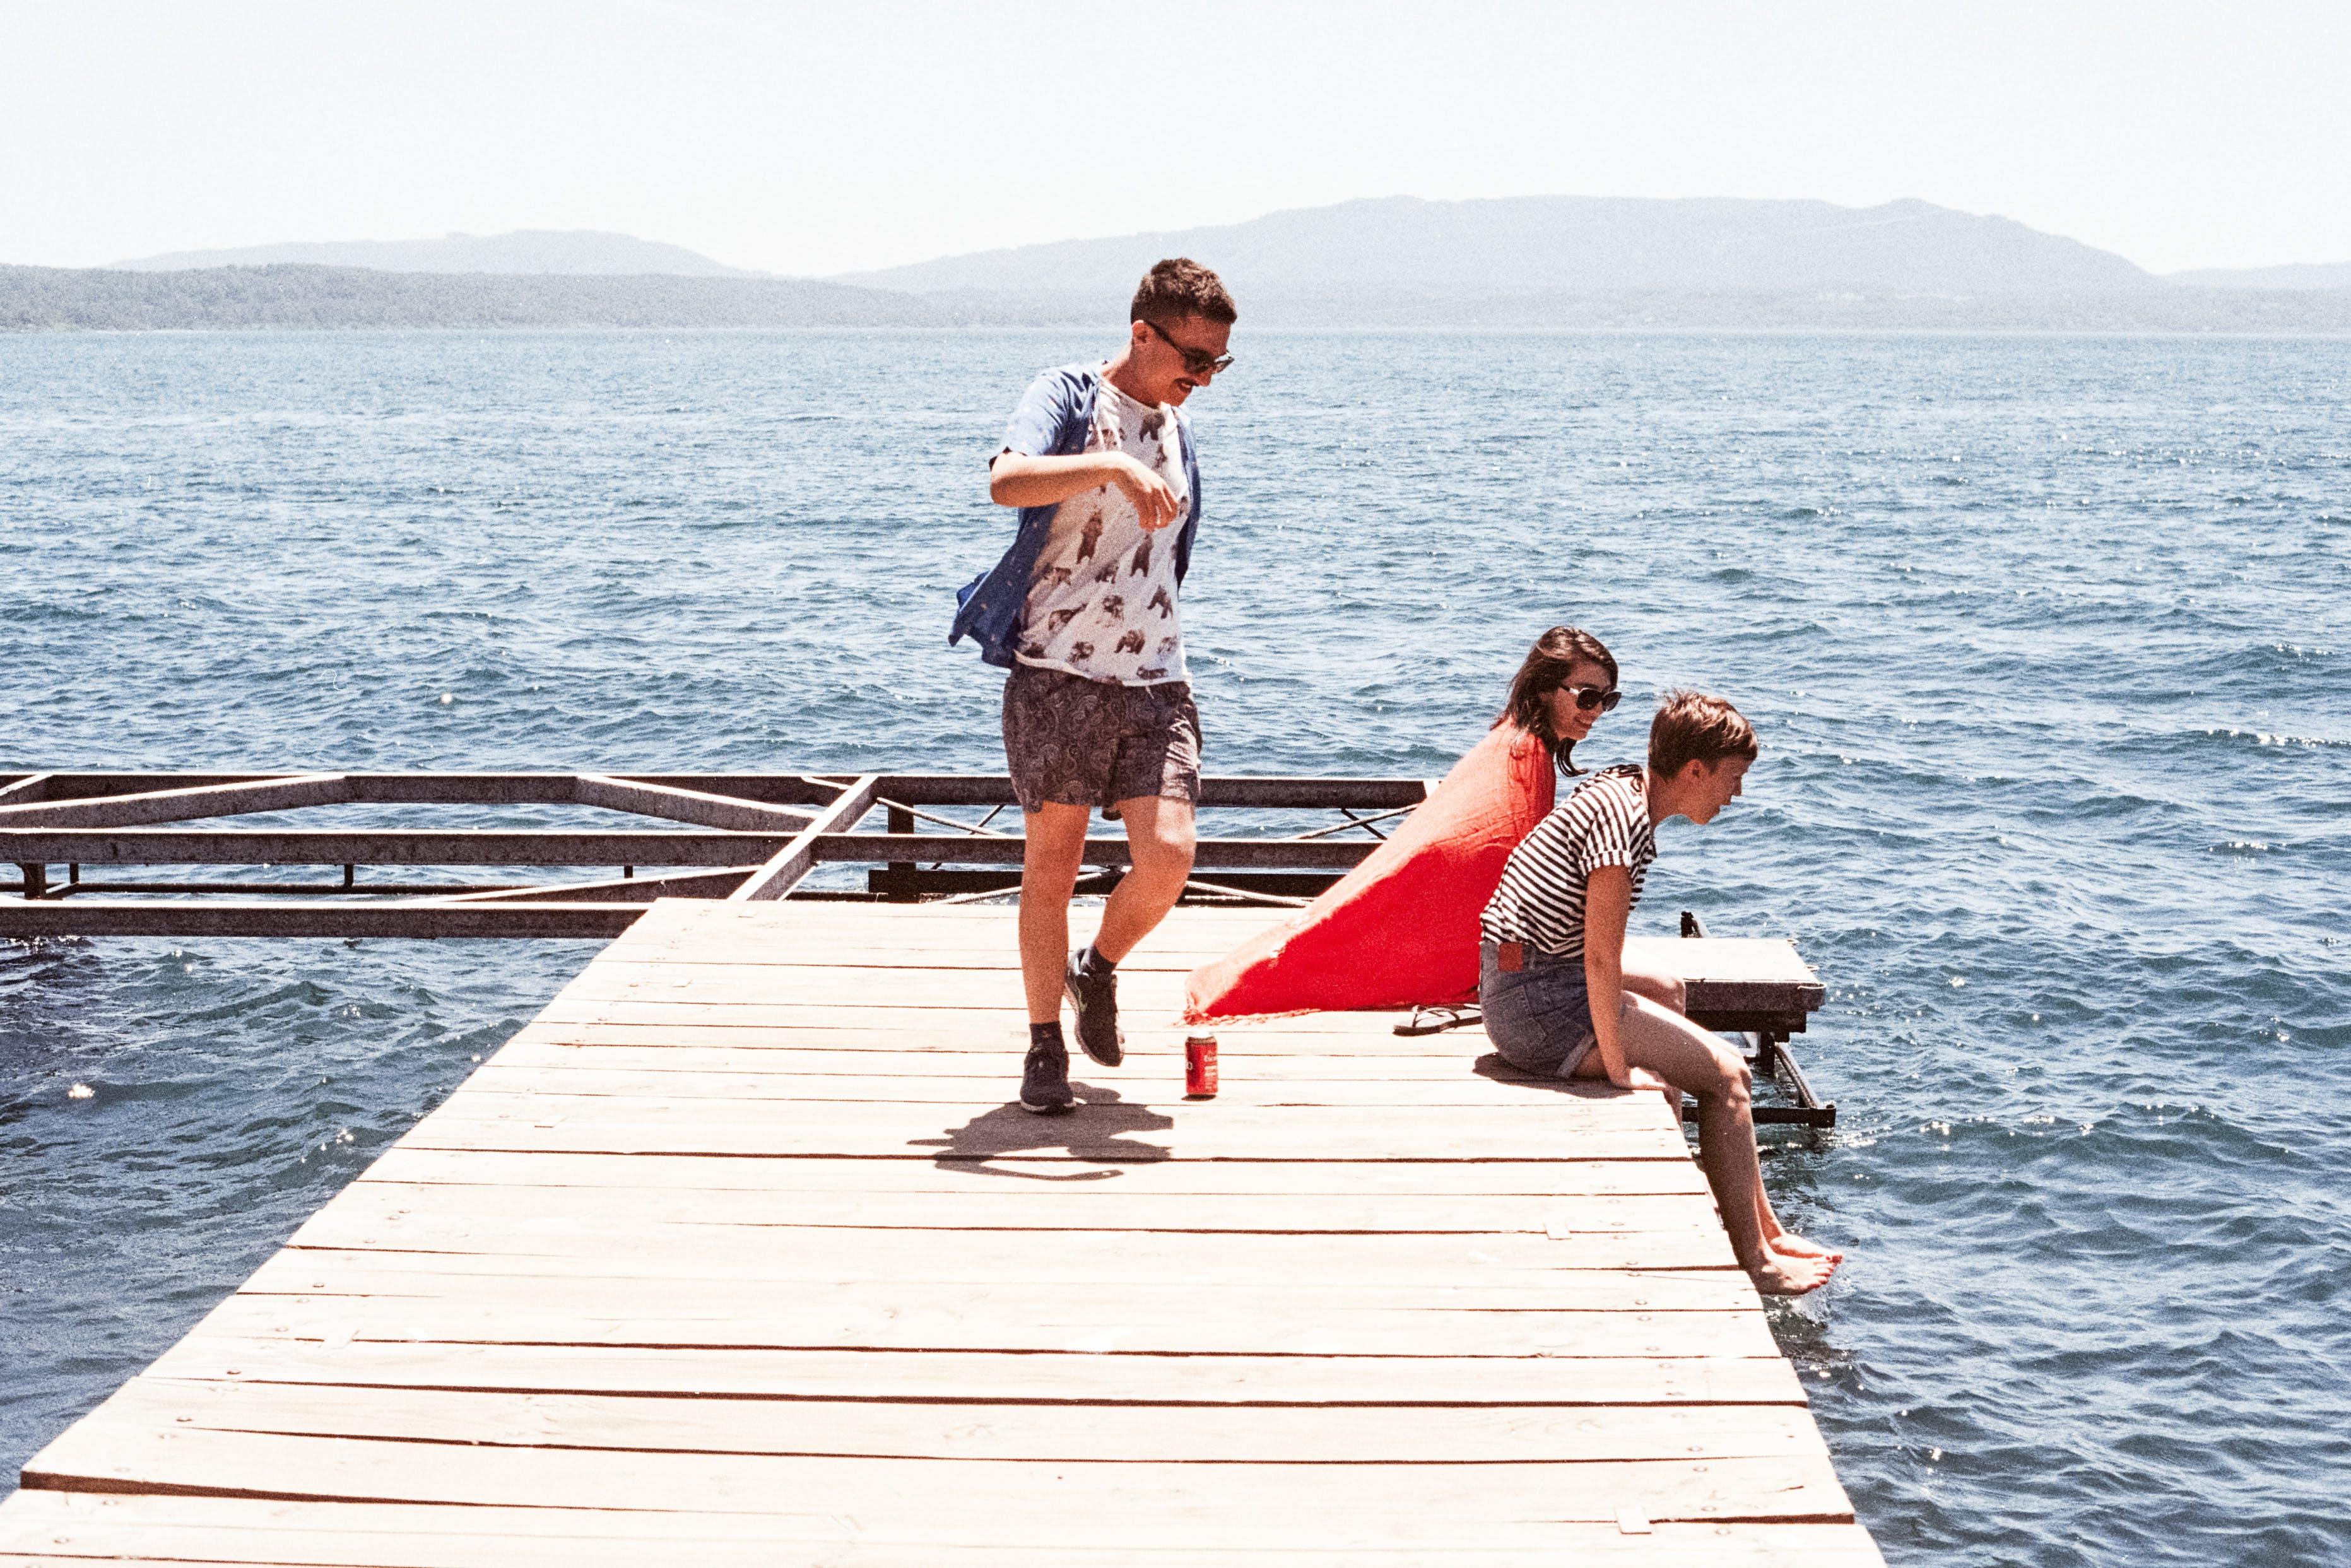 Wooden Boarded Pier Dock